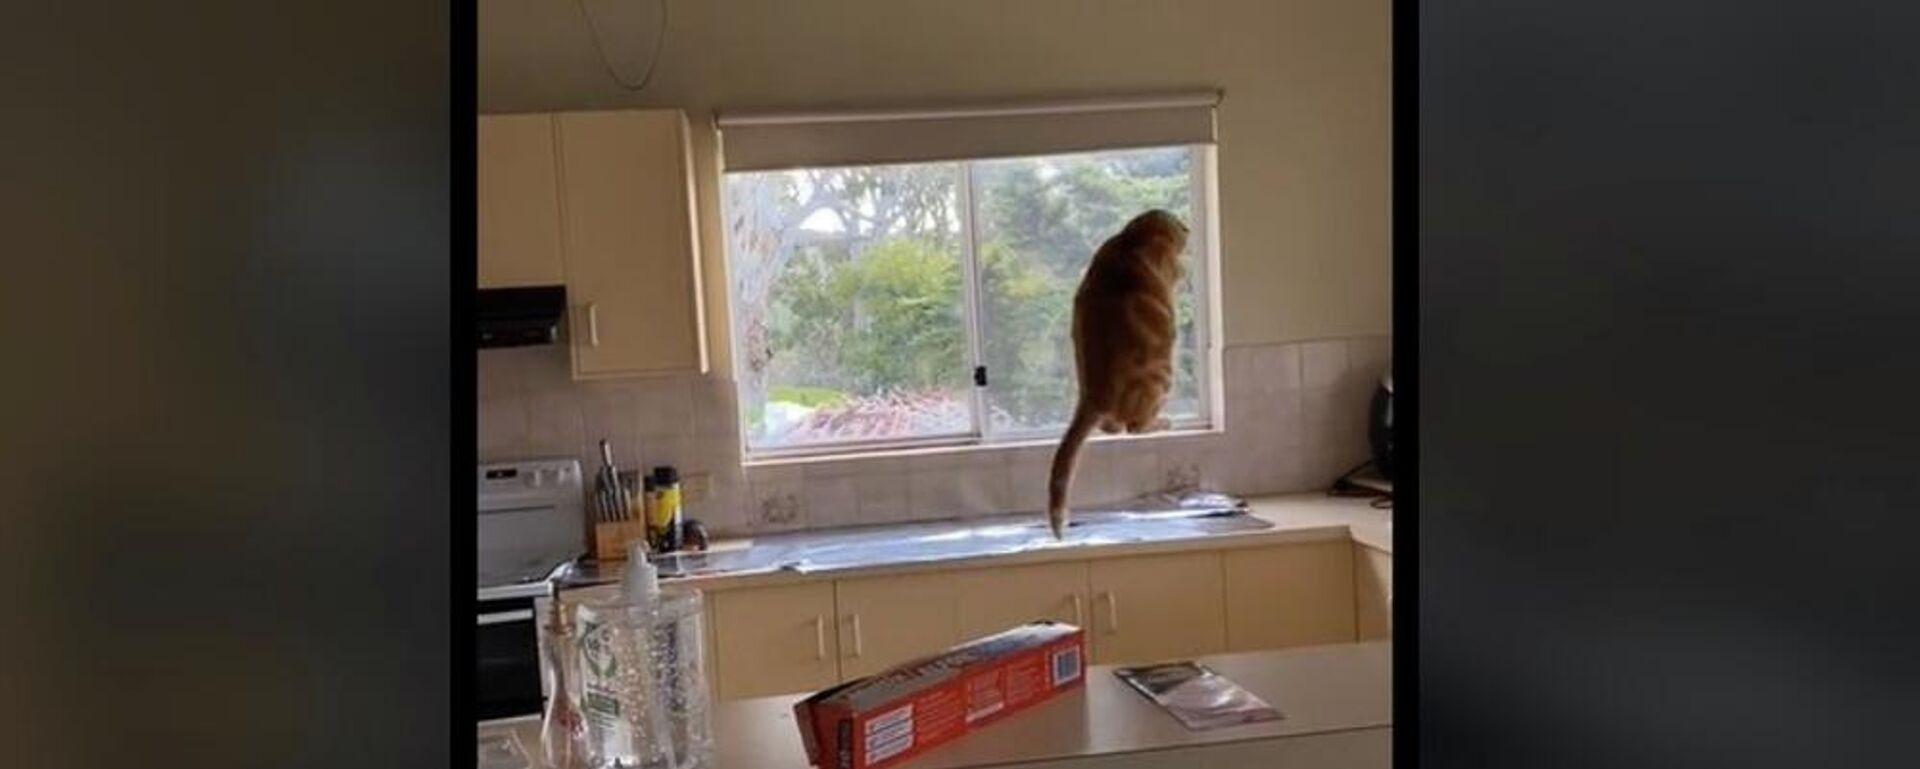 Το τέλειο κόλπο για να κρατάς τη γάτα μακριά από τον πάγκο της κουζίνας - Sputnik Ελλάδα, 1920, 17.09.2021